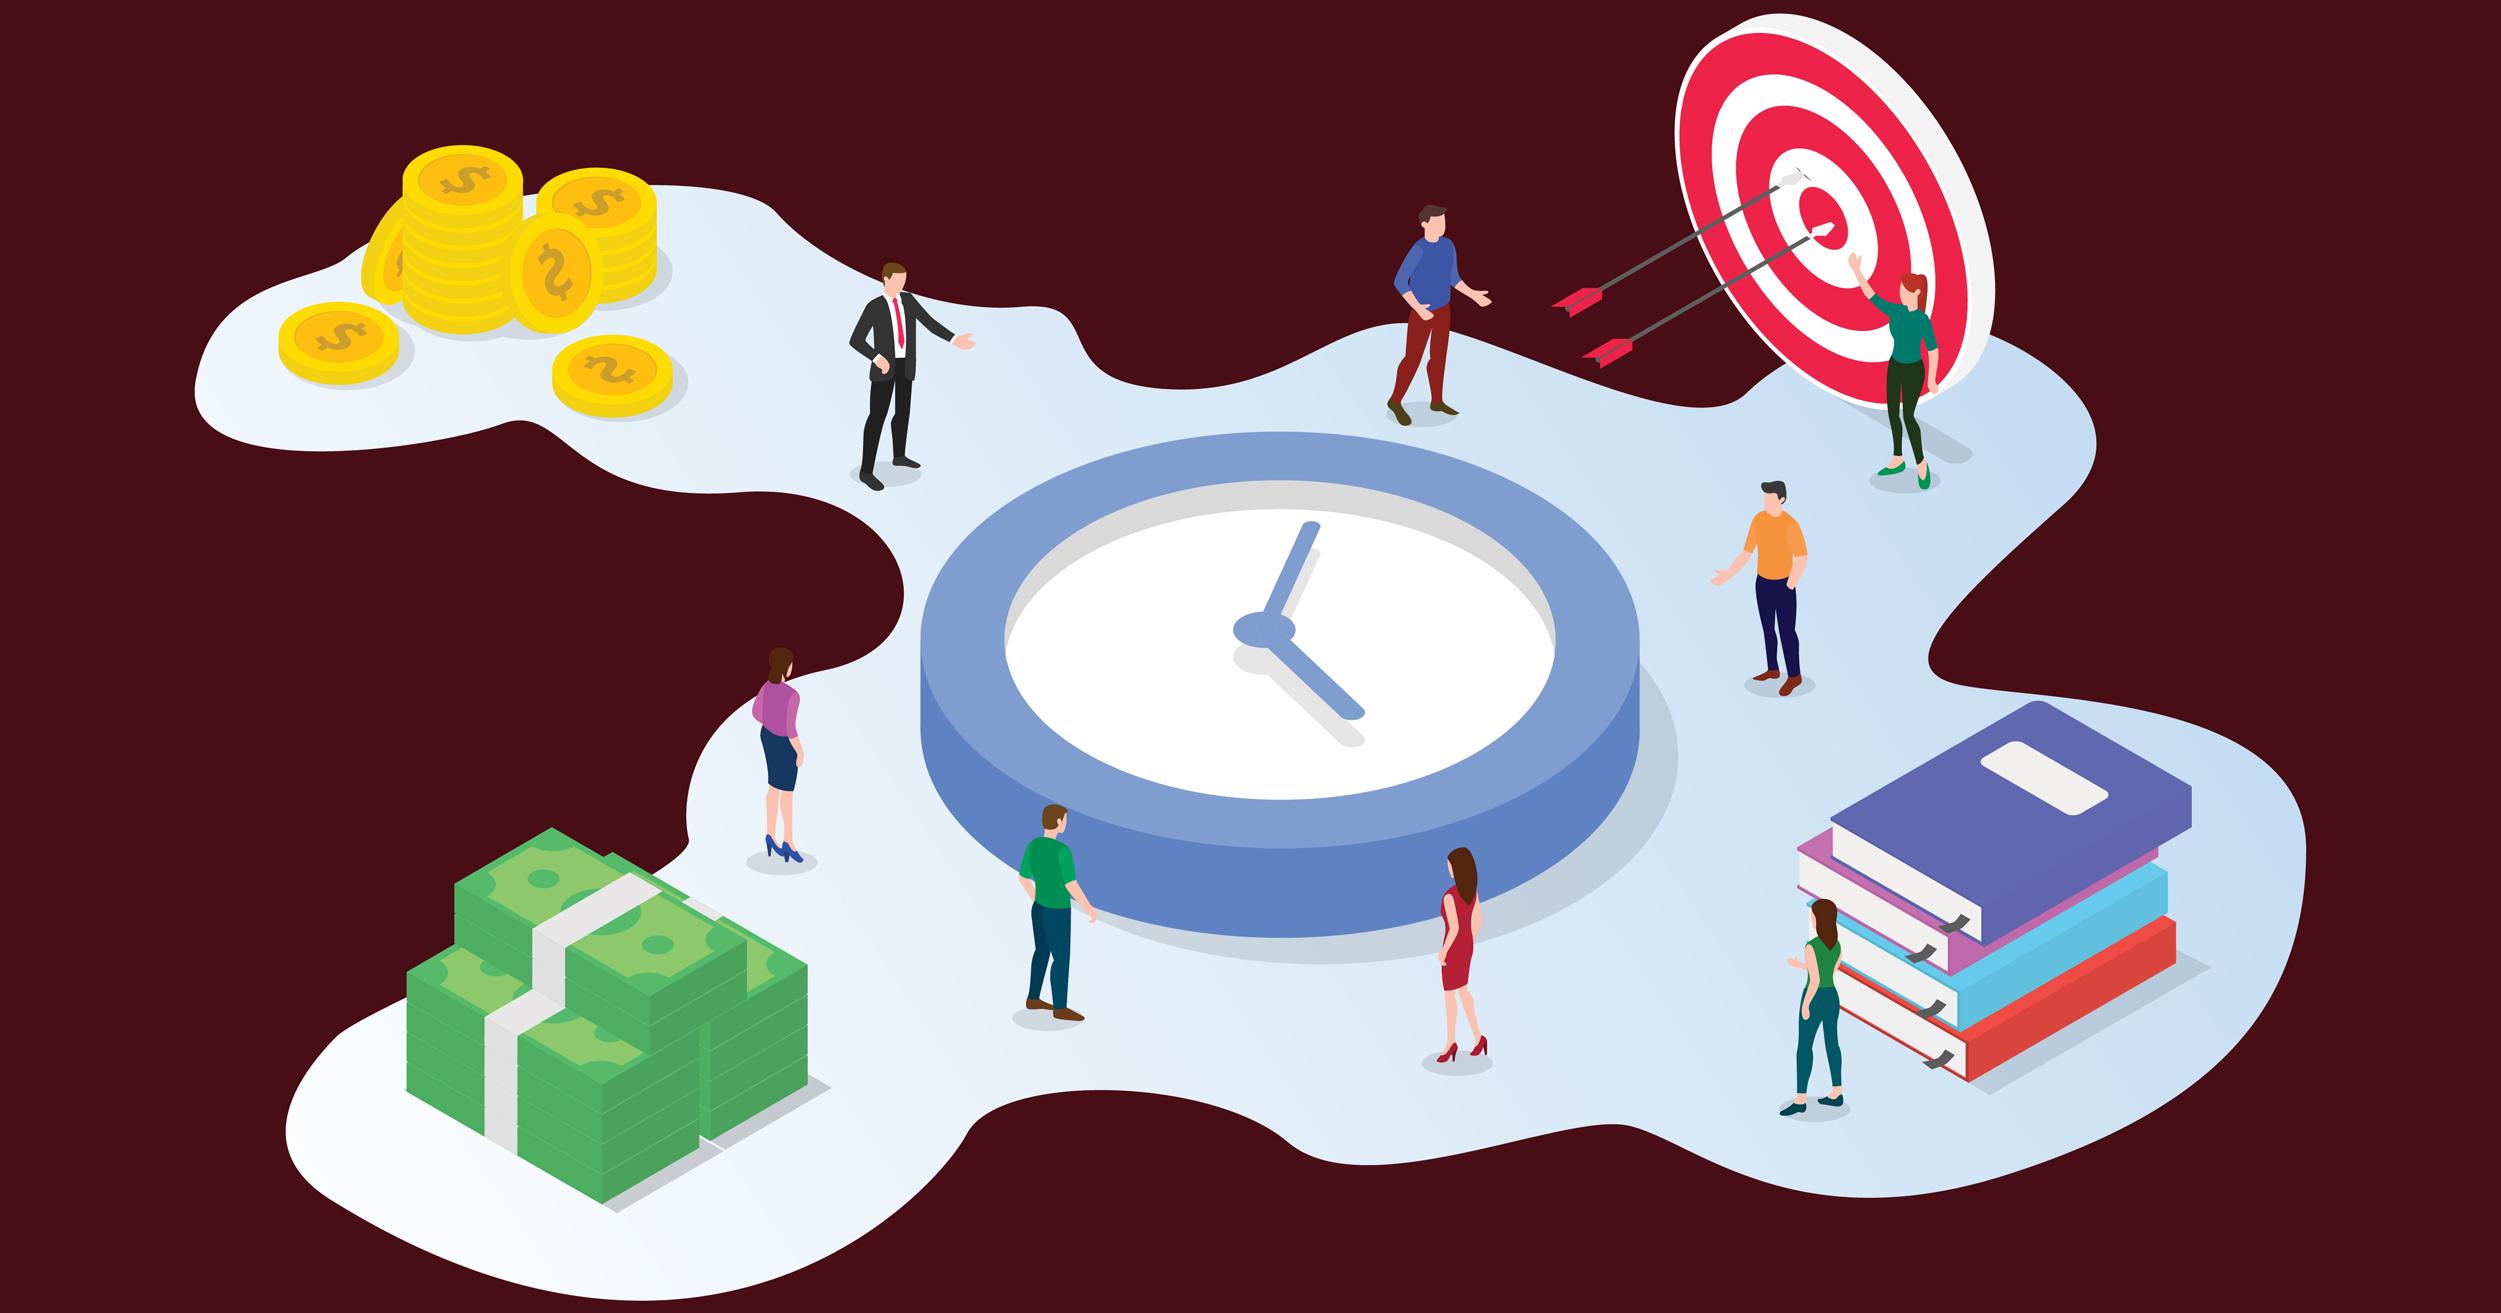 GESTÃO ESTRATÉGICA DE MARKETING: A solução que a sua empresa precisa